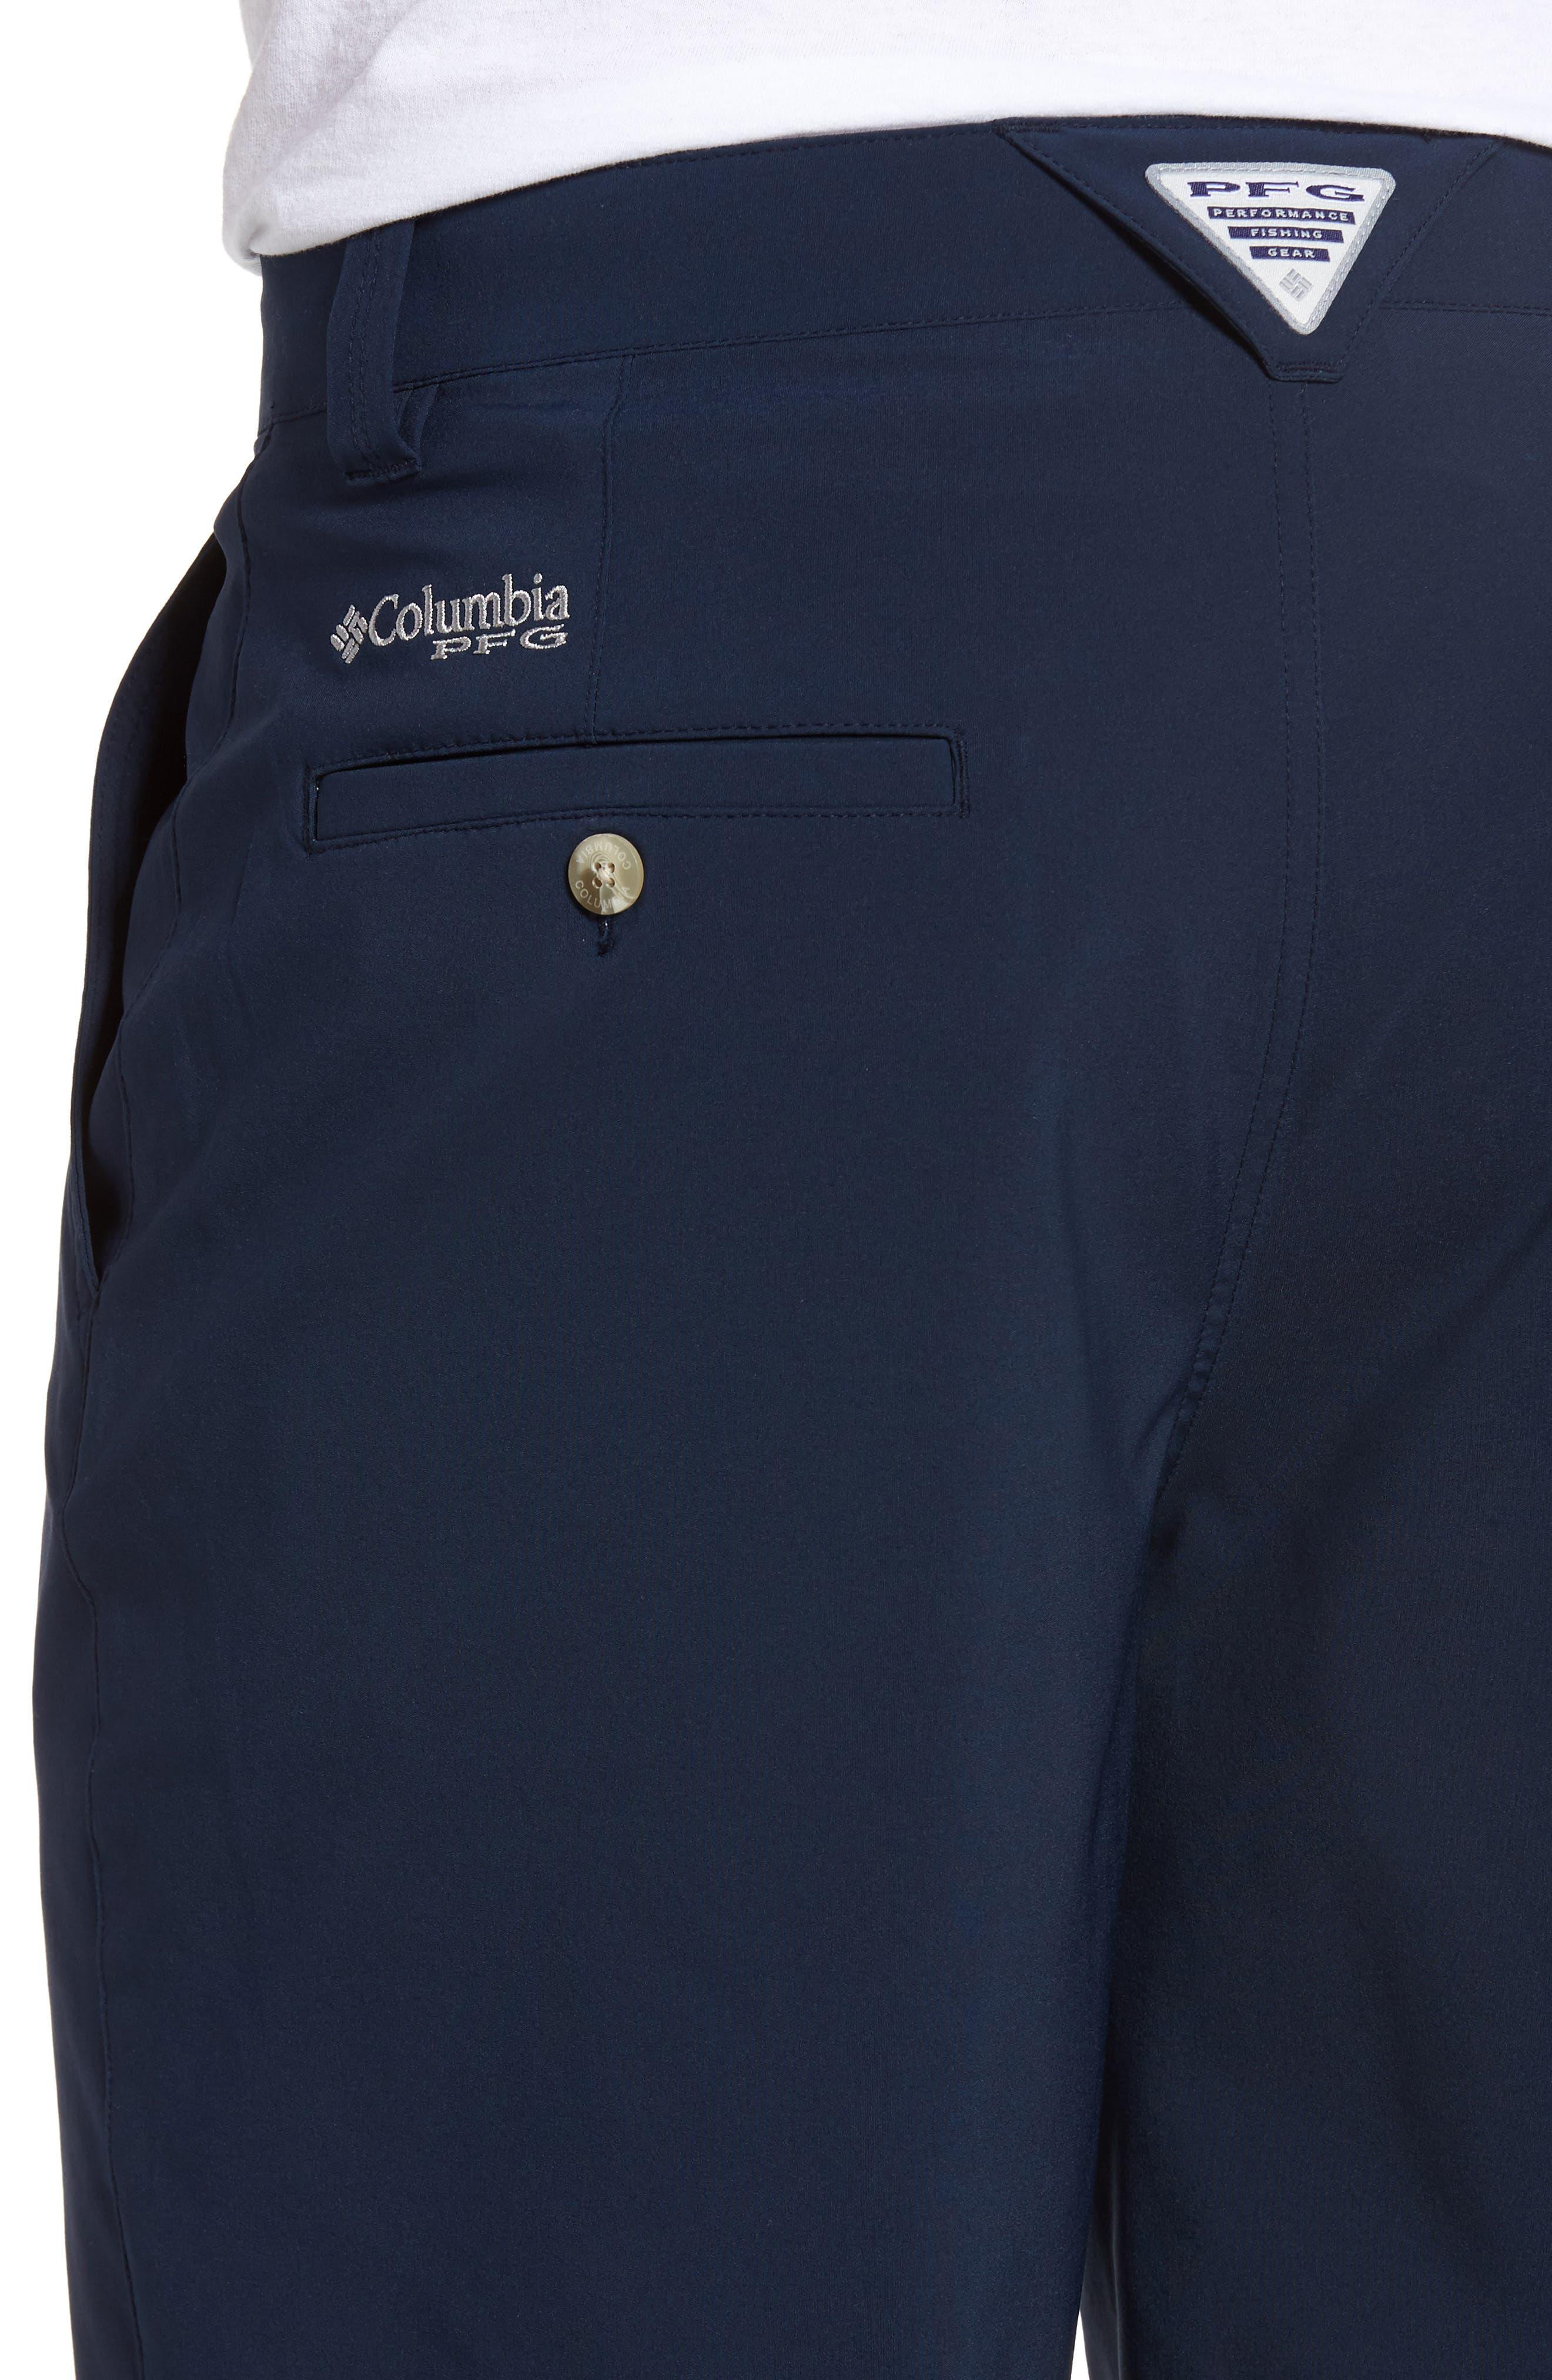 PFG Grander Marlin II Shorts,                             Alternate thumbnail 4, color,                             Collegiate Navy